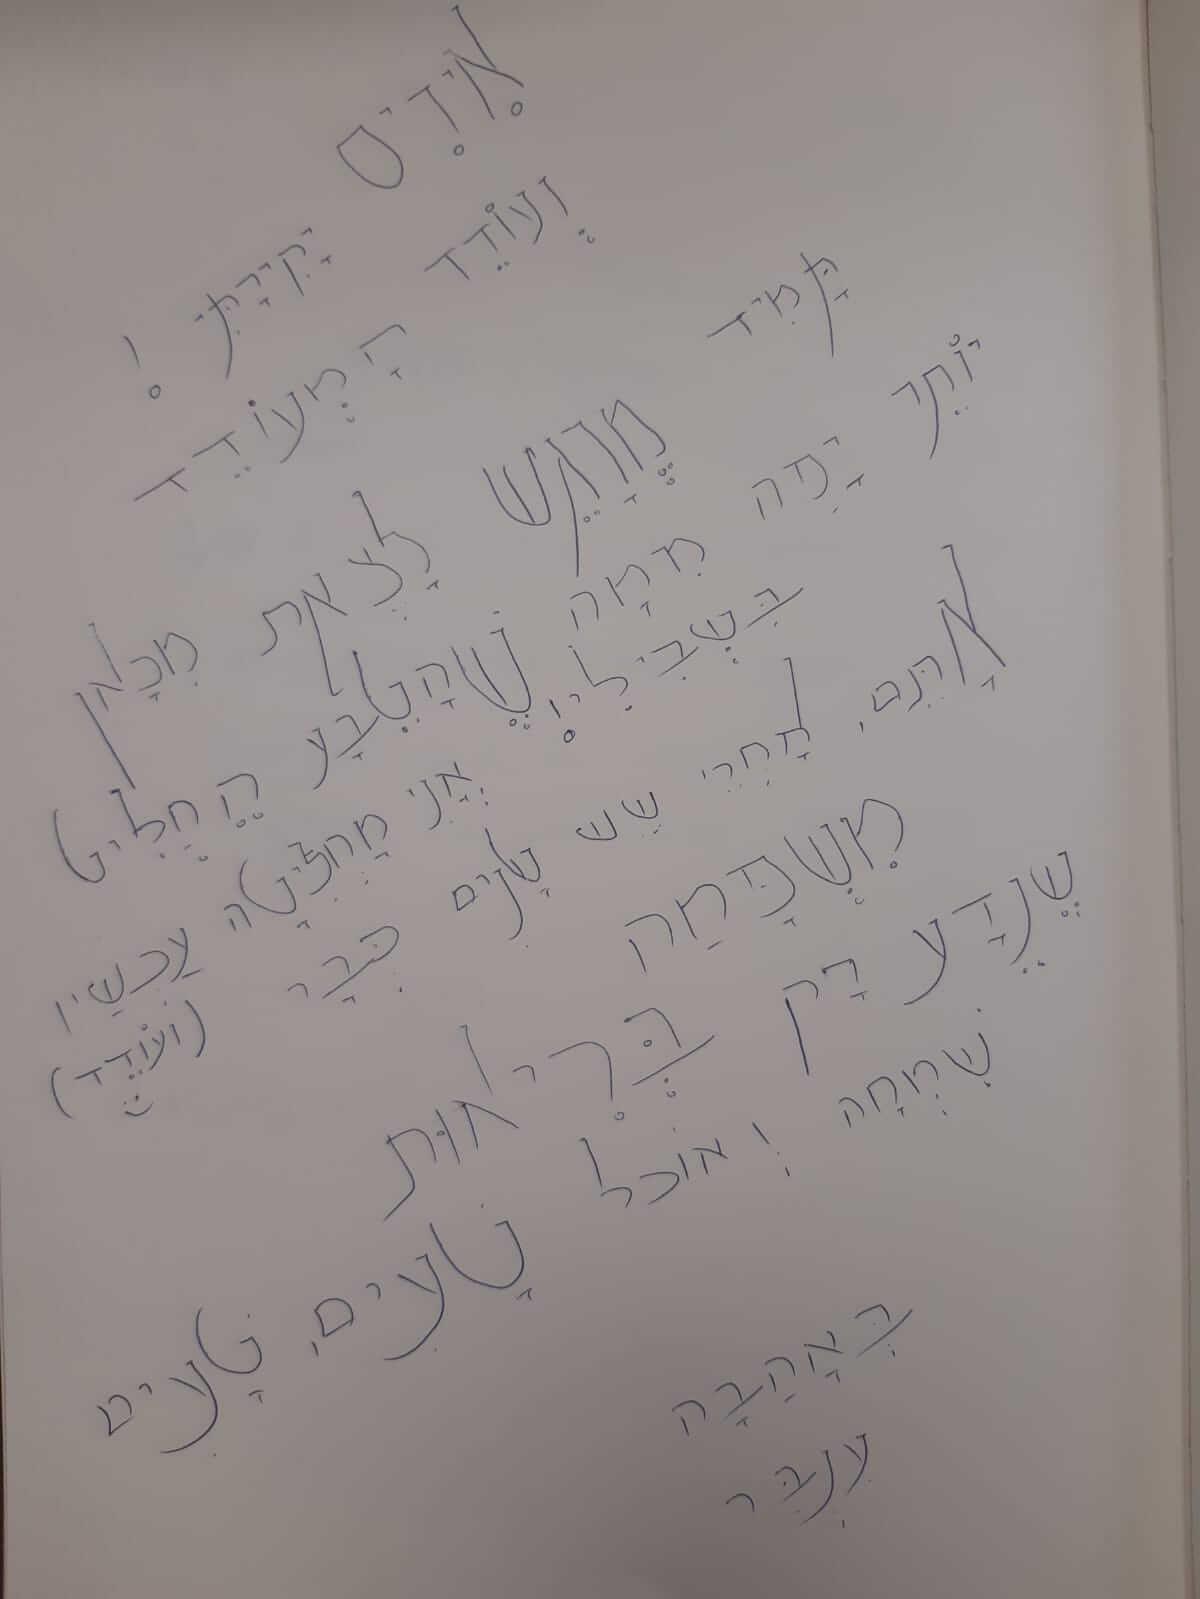 מכתב תודה - עודד רודניצקי